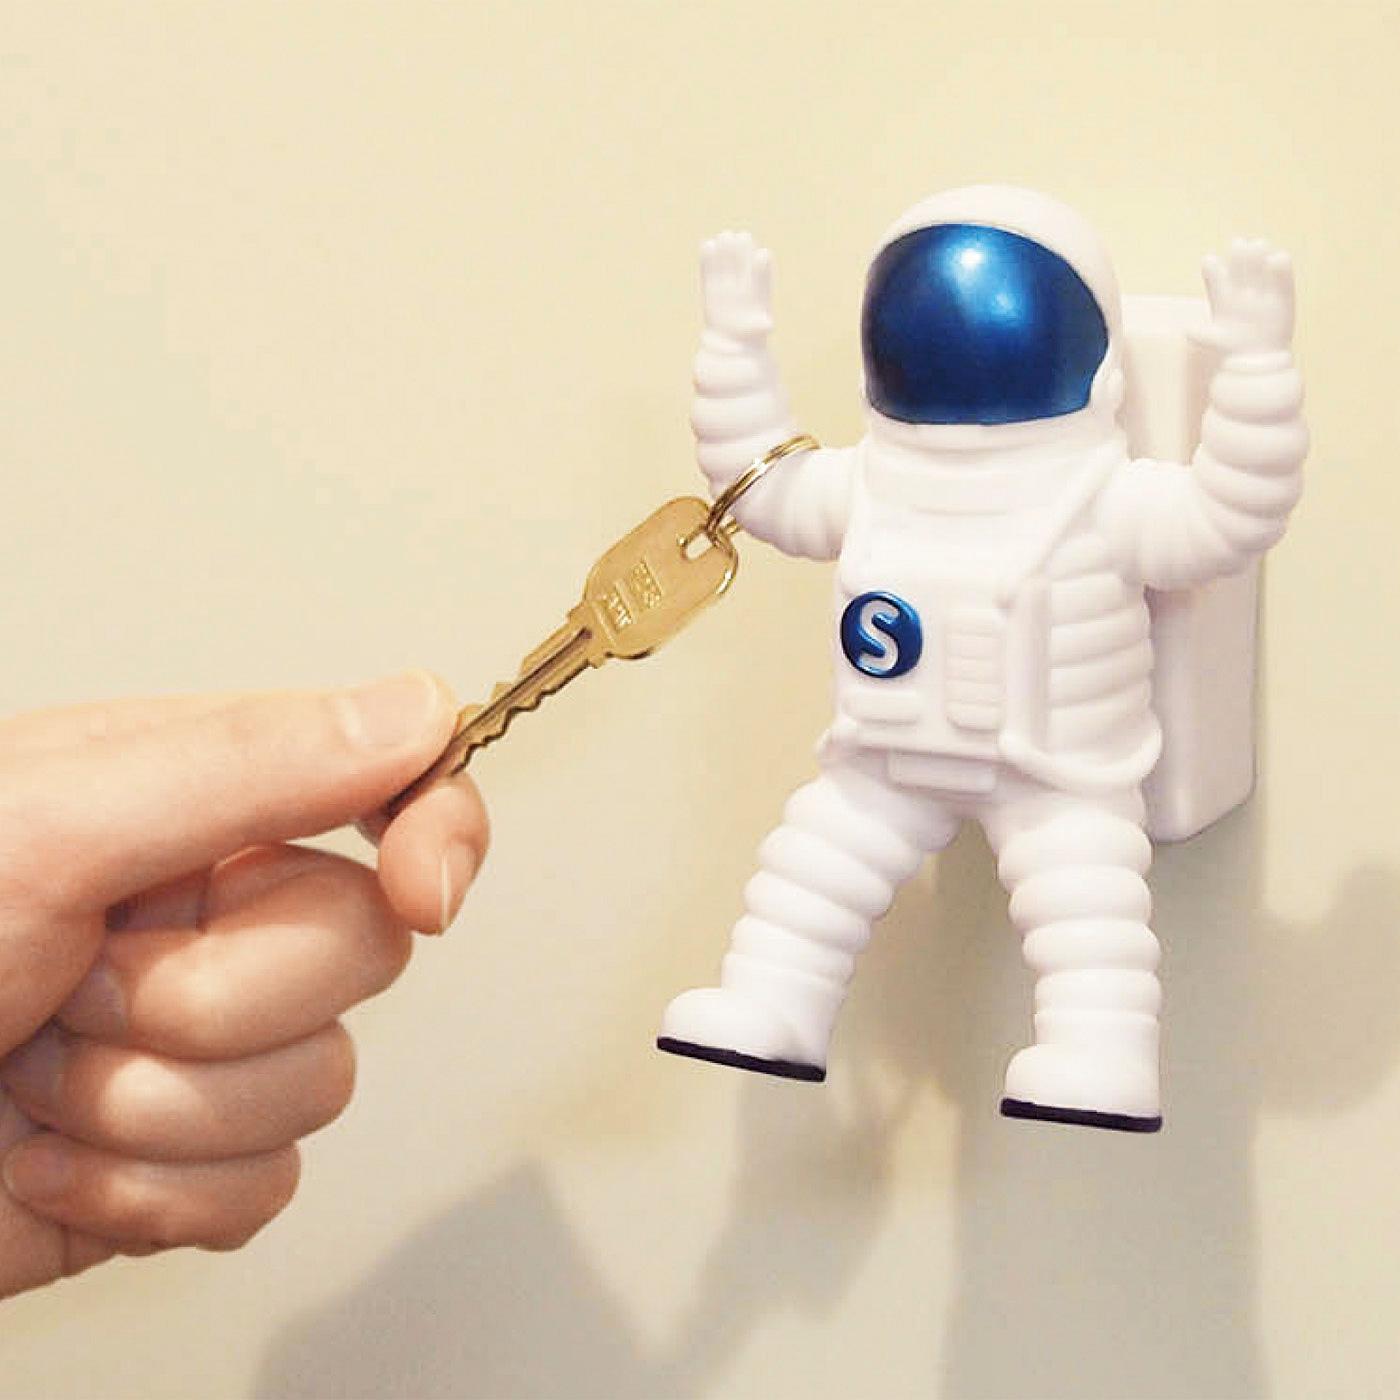 宇宙飛行士の手にかぎを掛けられます。